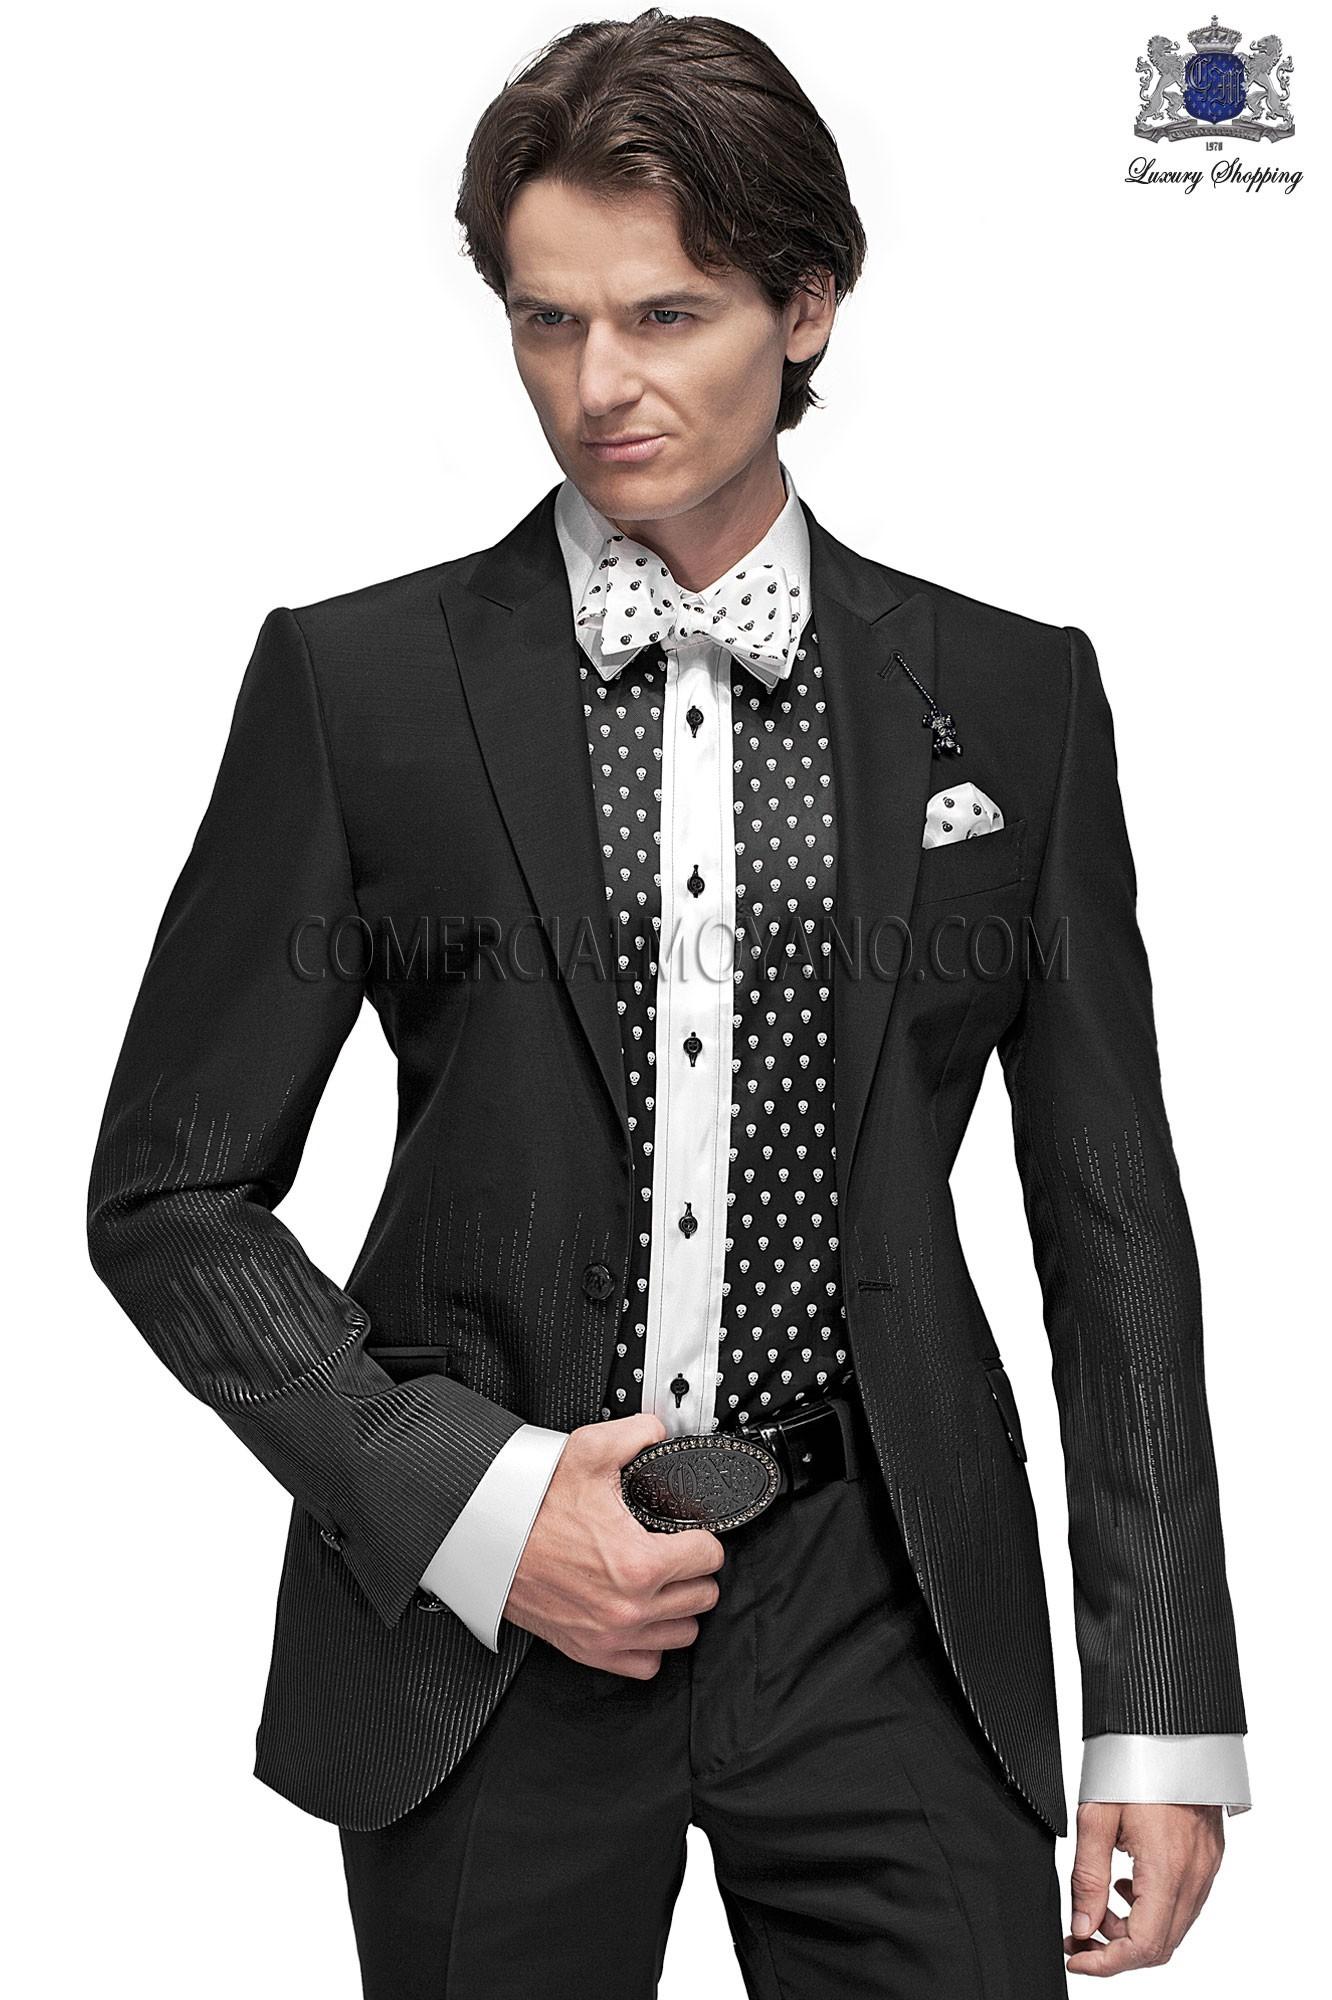 Traje de moda hombre negro modelo: 60766 Ottavio Nuccio Gala colección Emotion